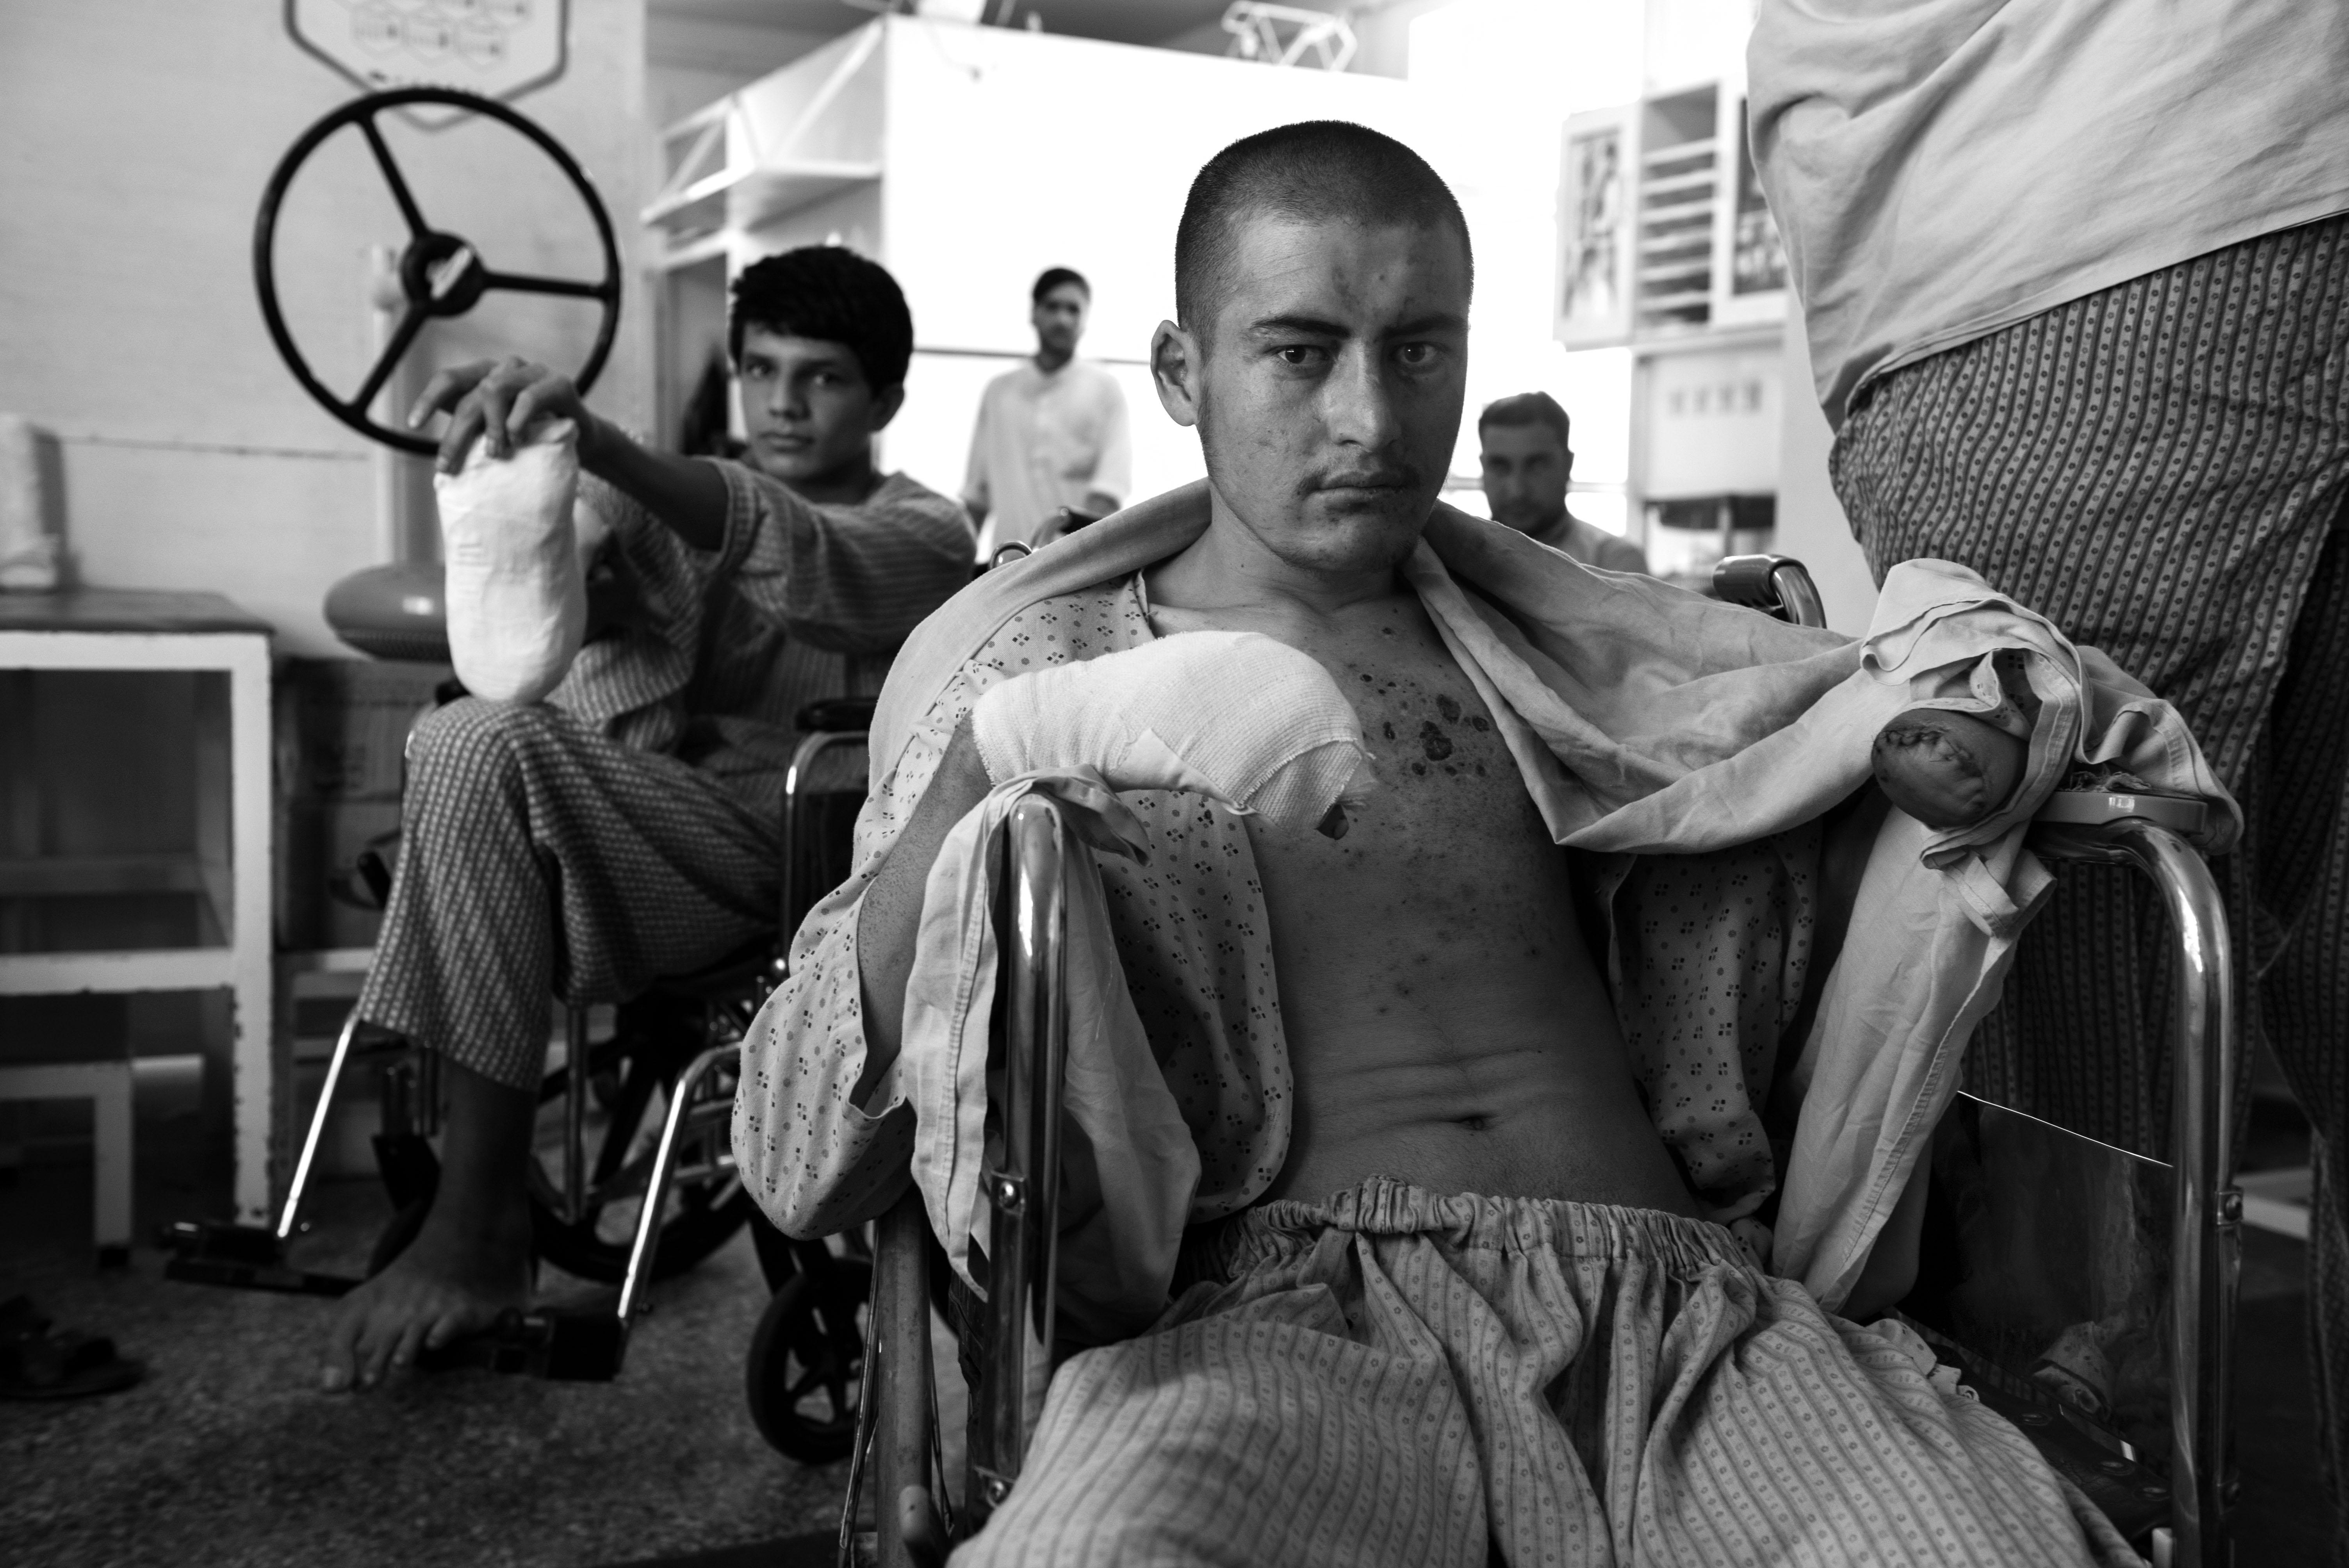 Nadim al centro chirurgico per vittime di guerra